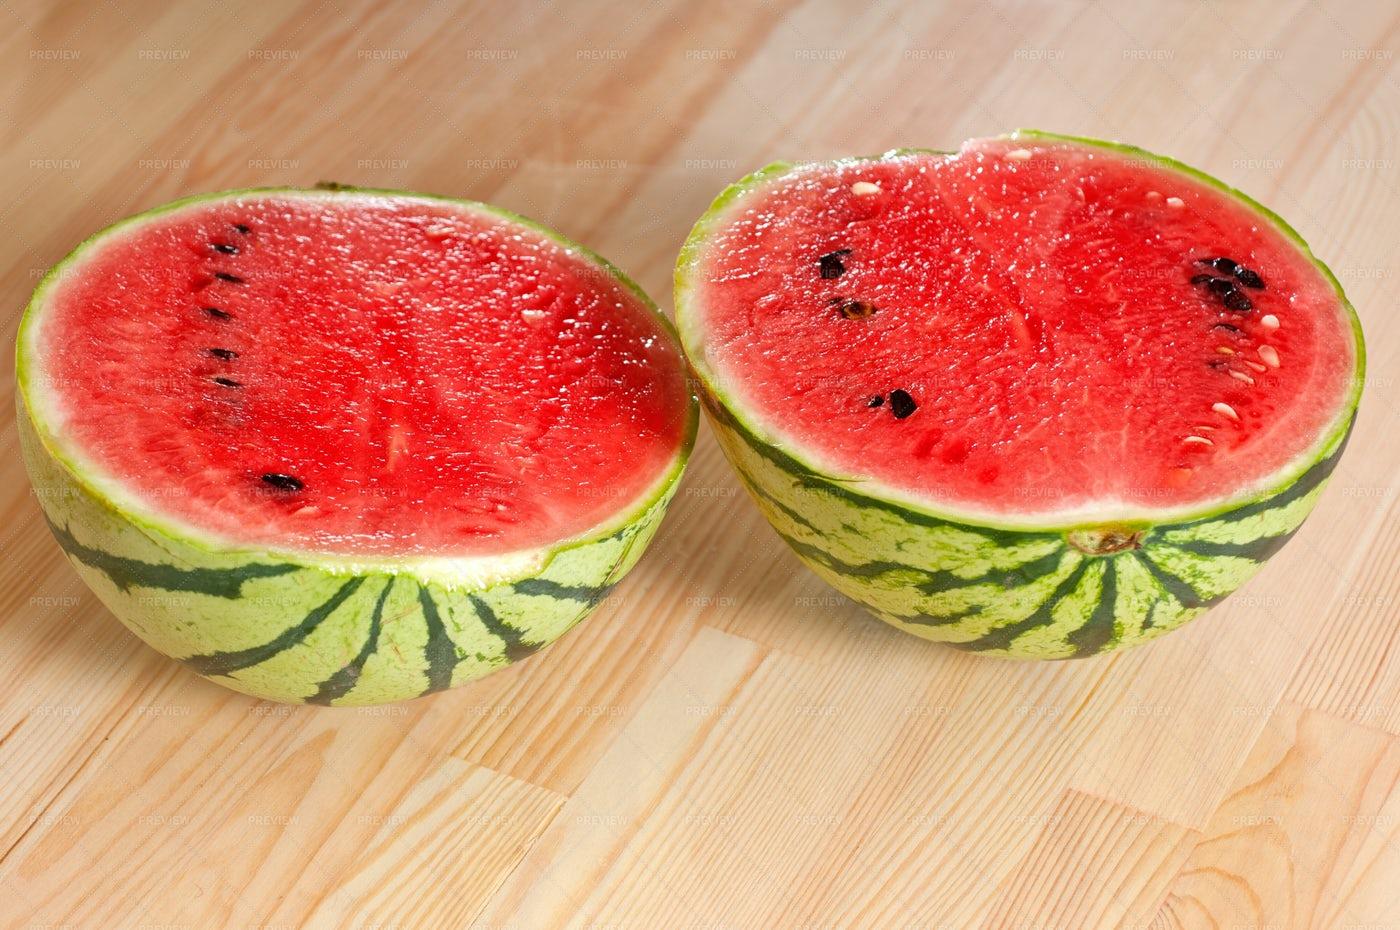 Sliced Watermelon On Wood: Stock Photos